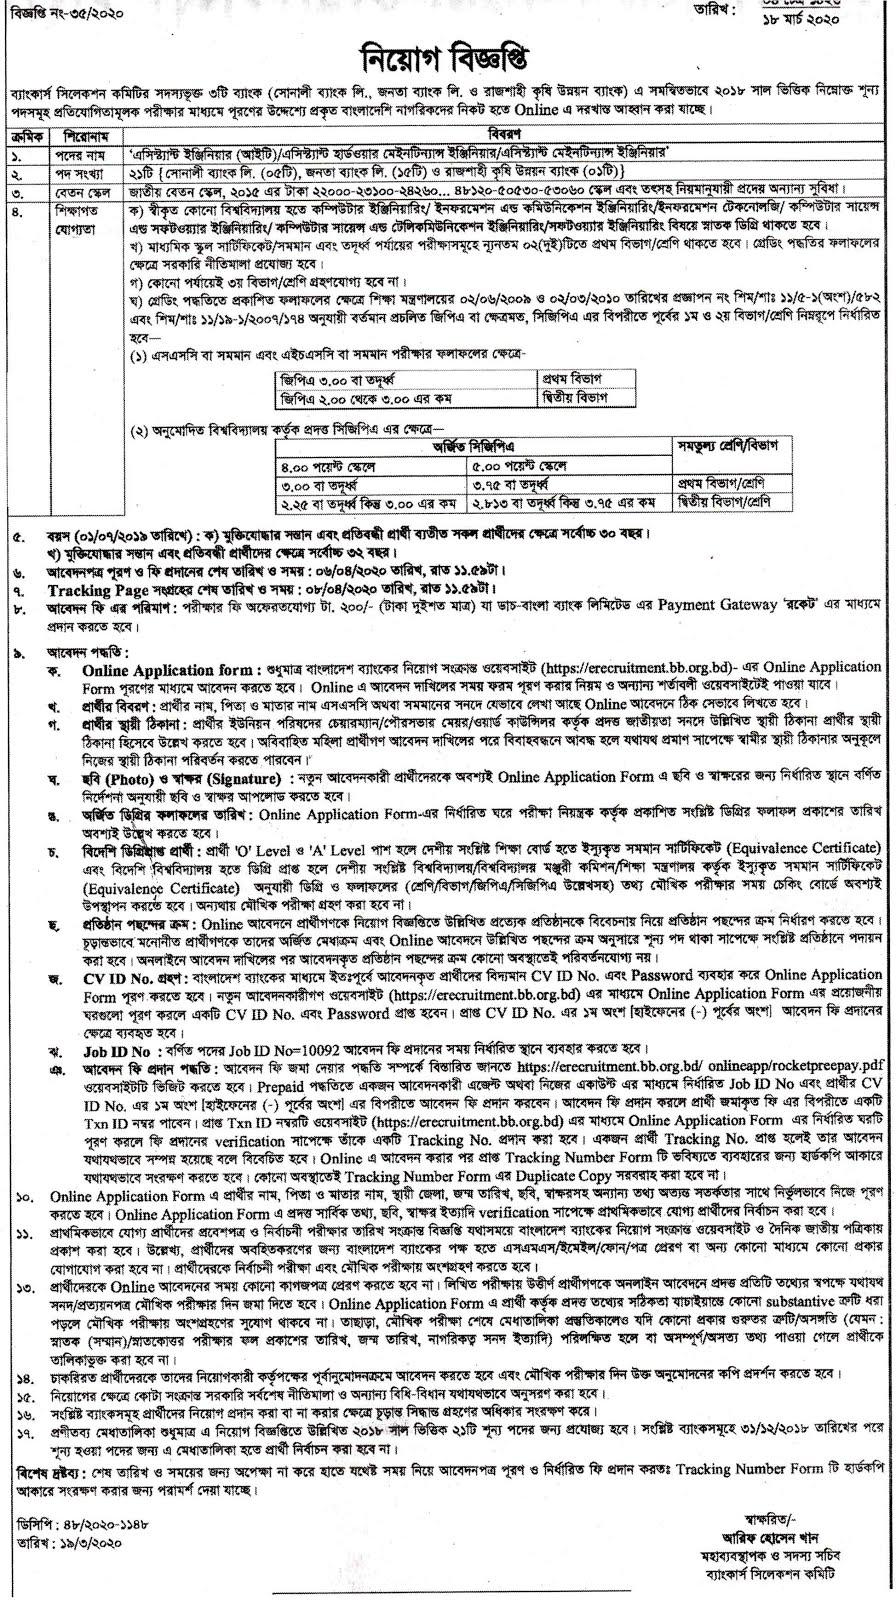 সরকারি ব্যাংকে চাকরির খবর ২০২০ - Government Bank Job Circular 2020 - job in gov bank - job in gov